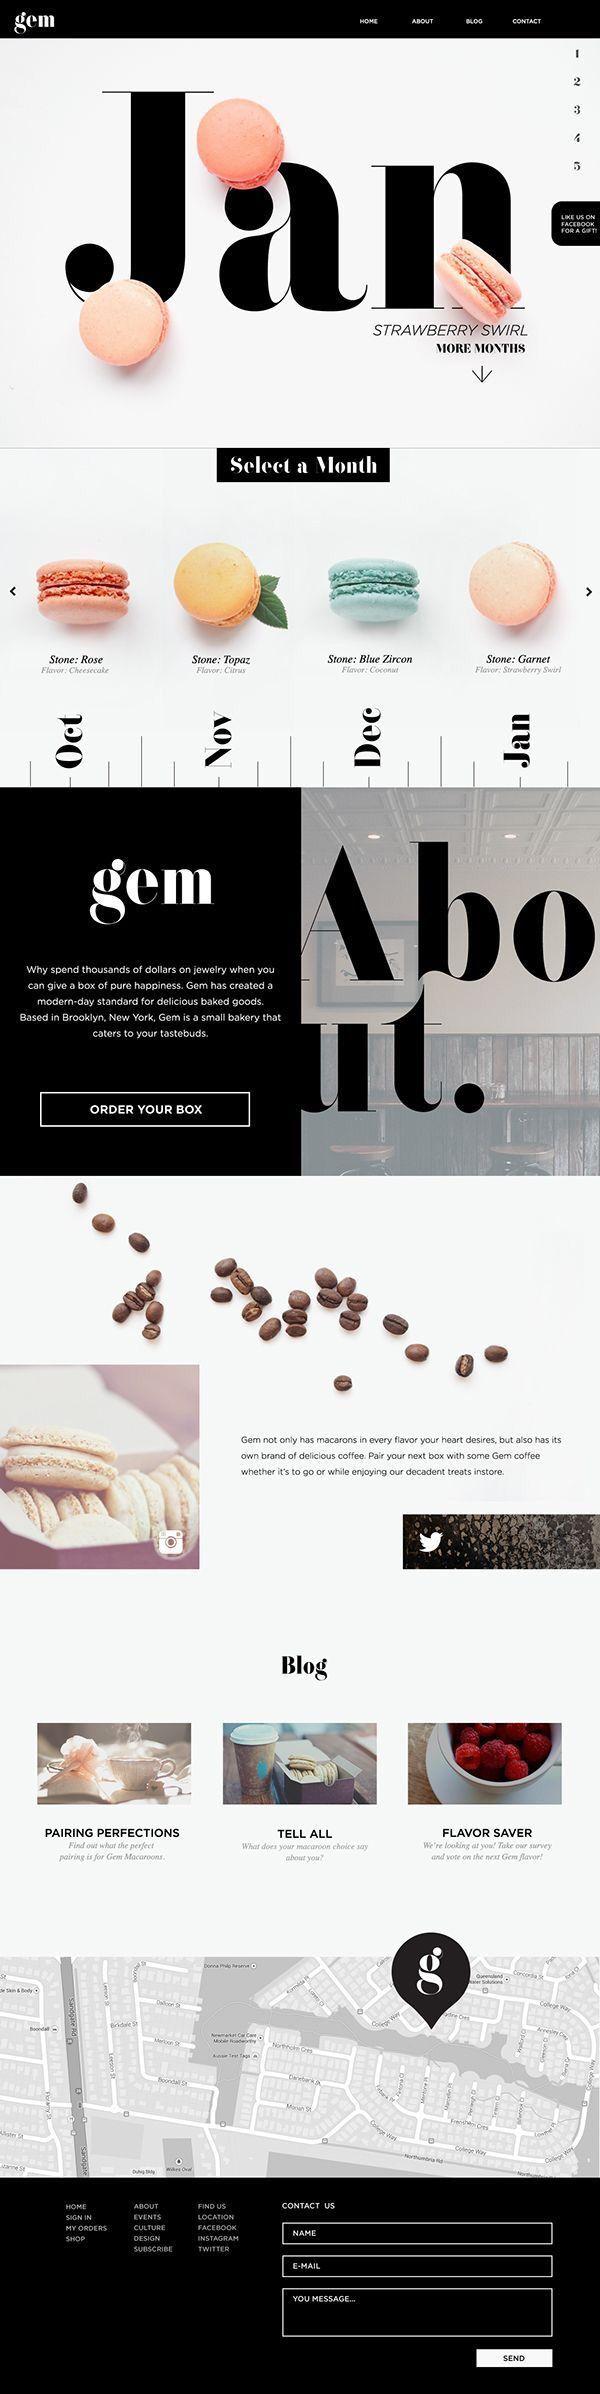 企业网页设计制作案例